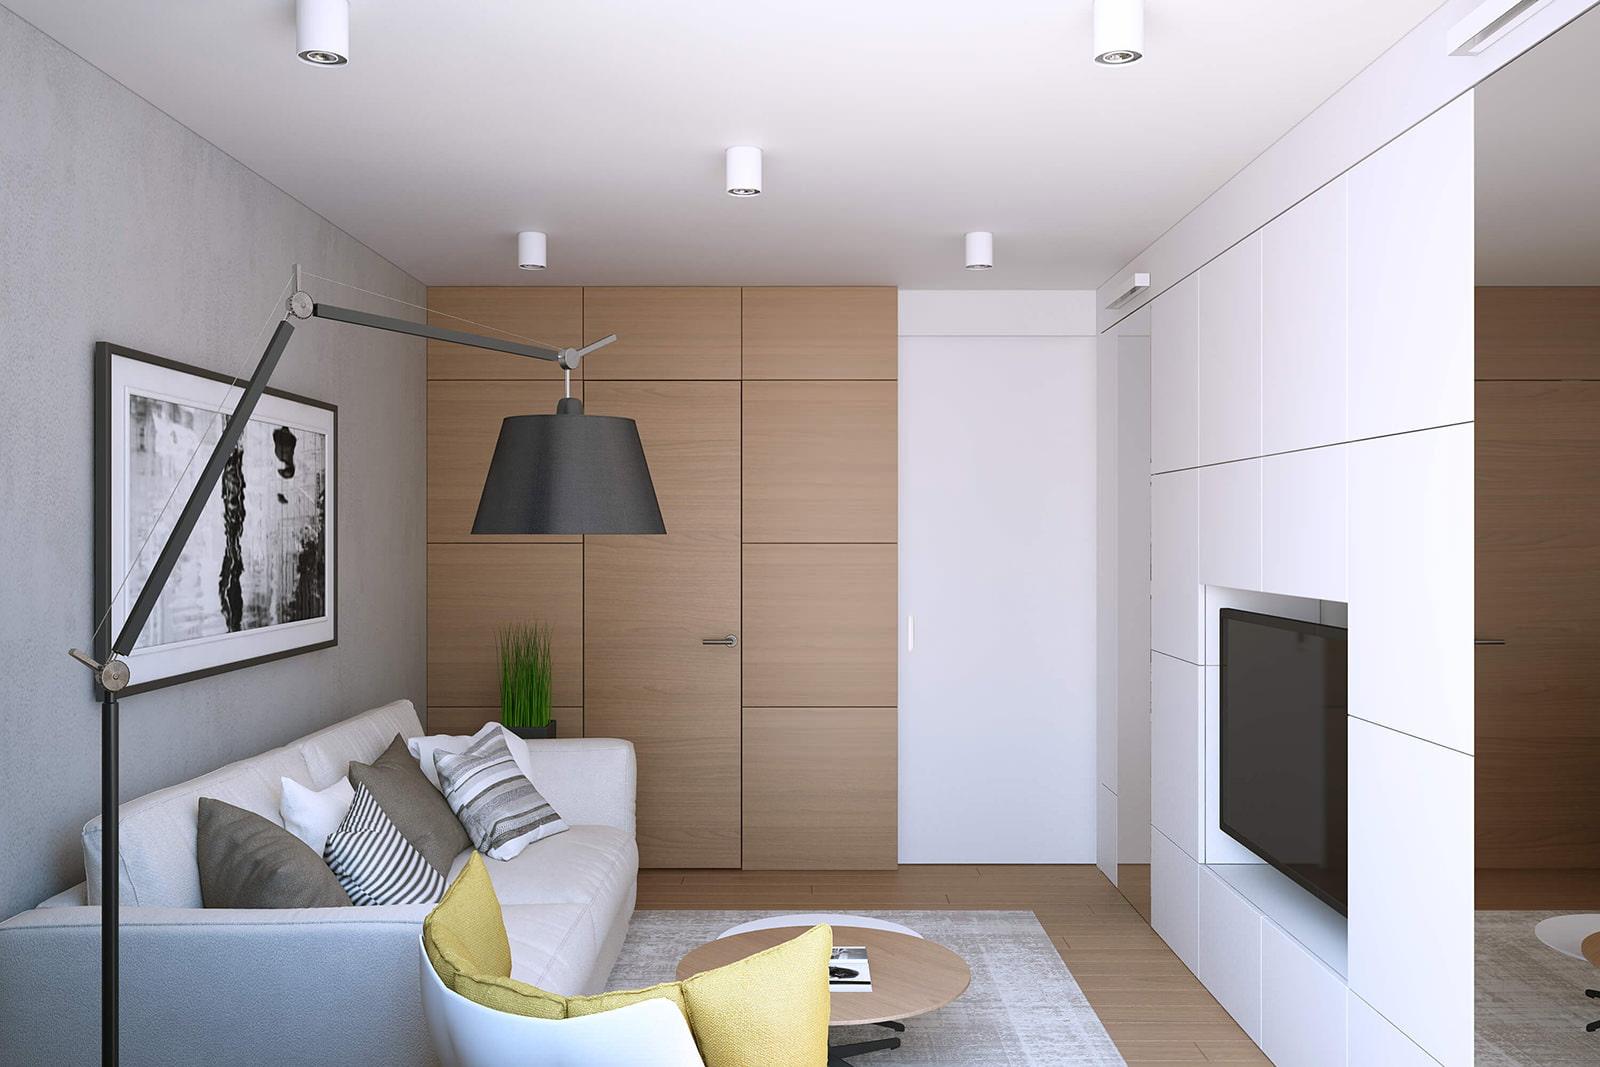 Однокомнатная квартира 43 кв.м дизайн